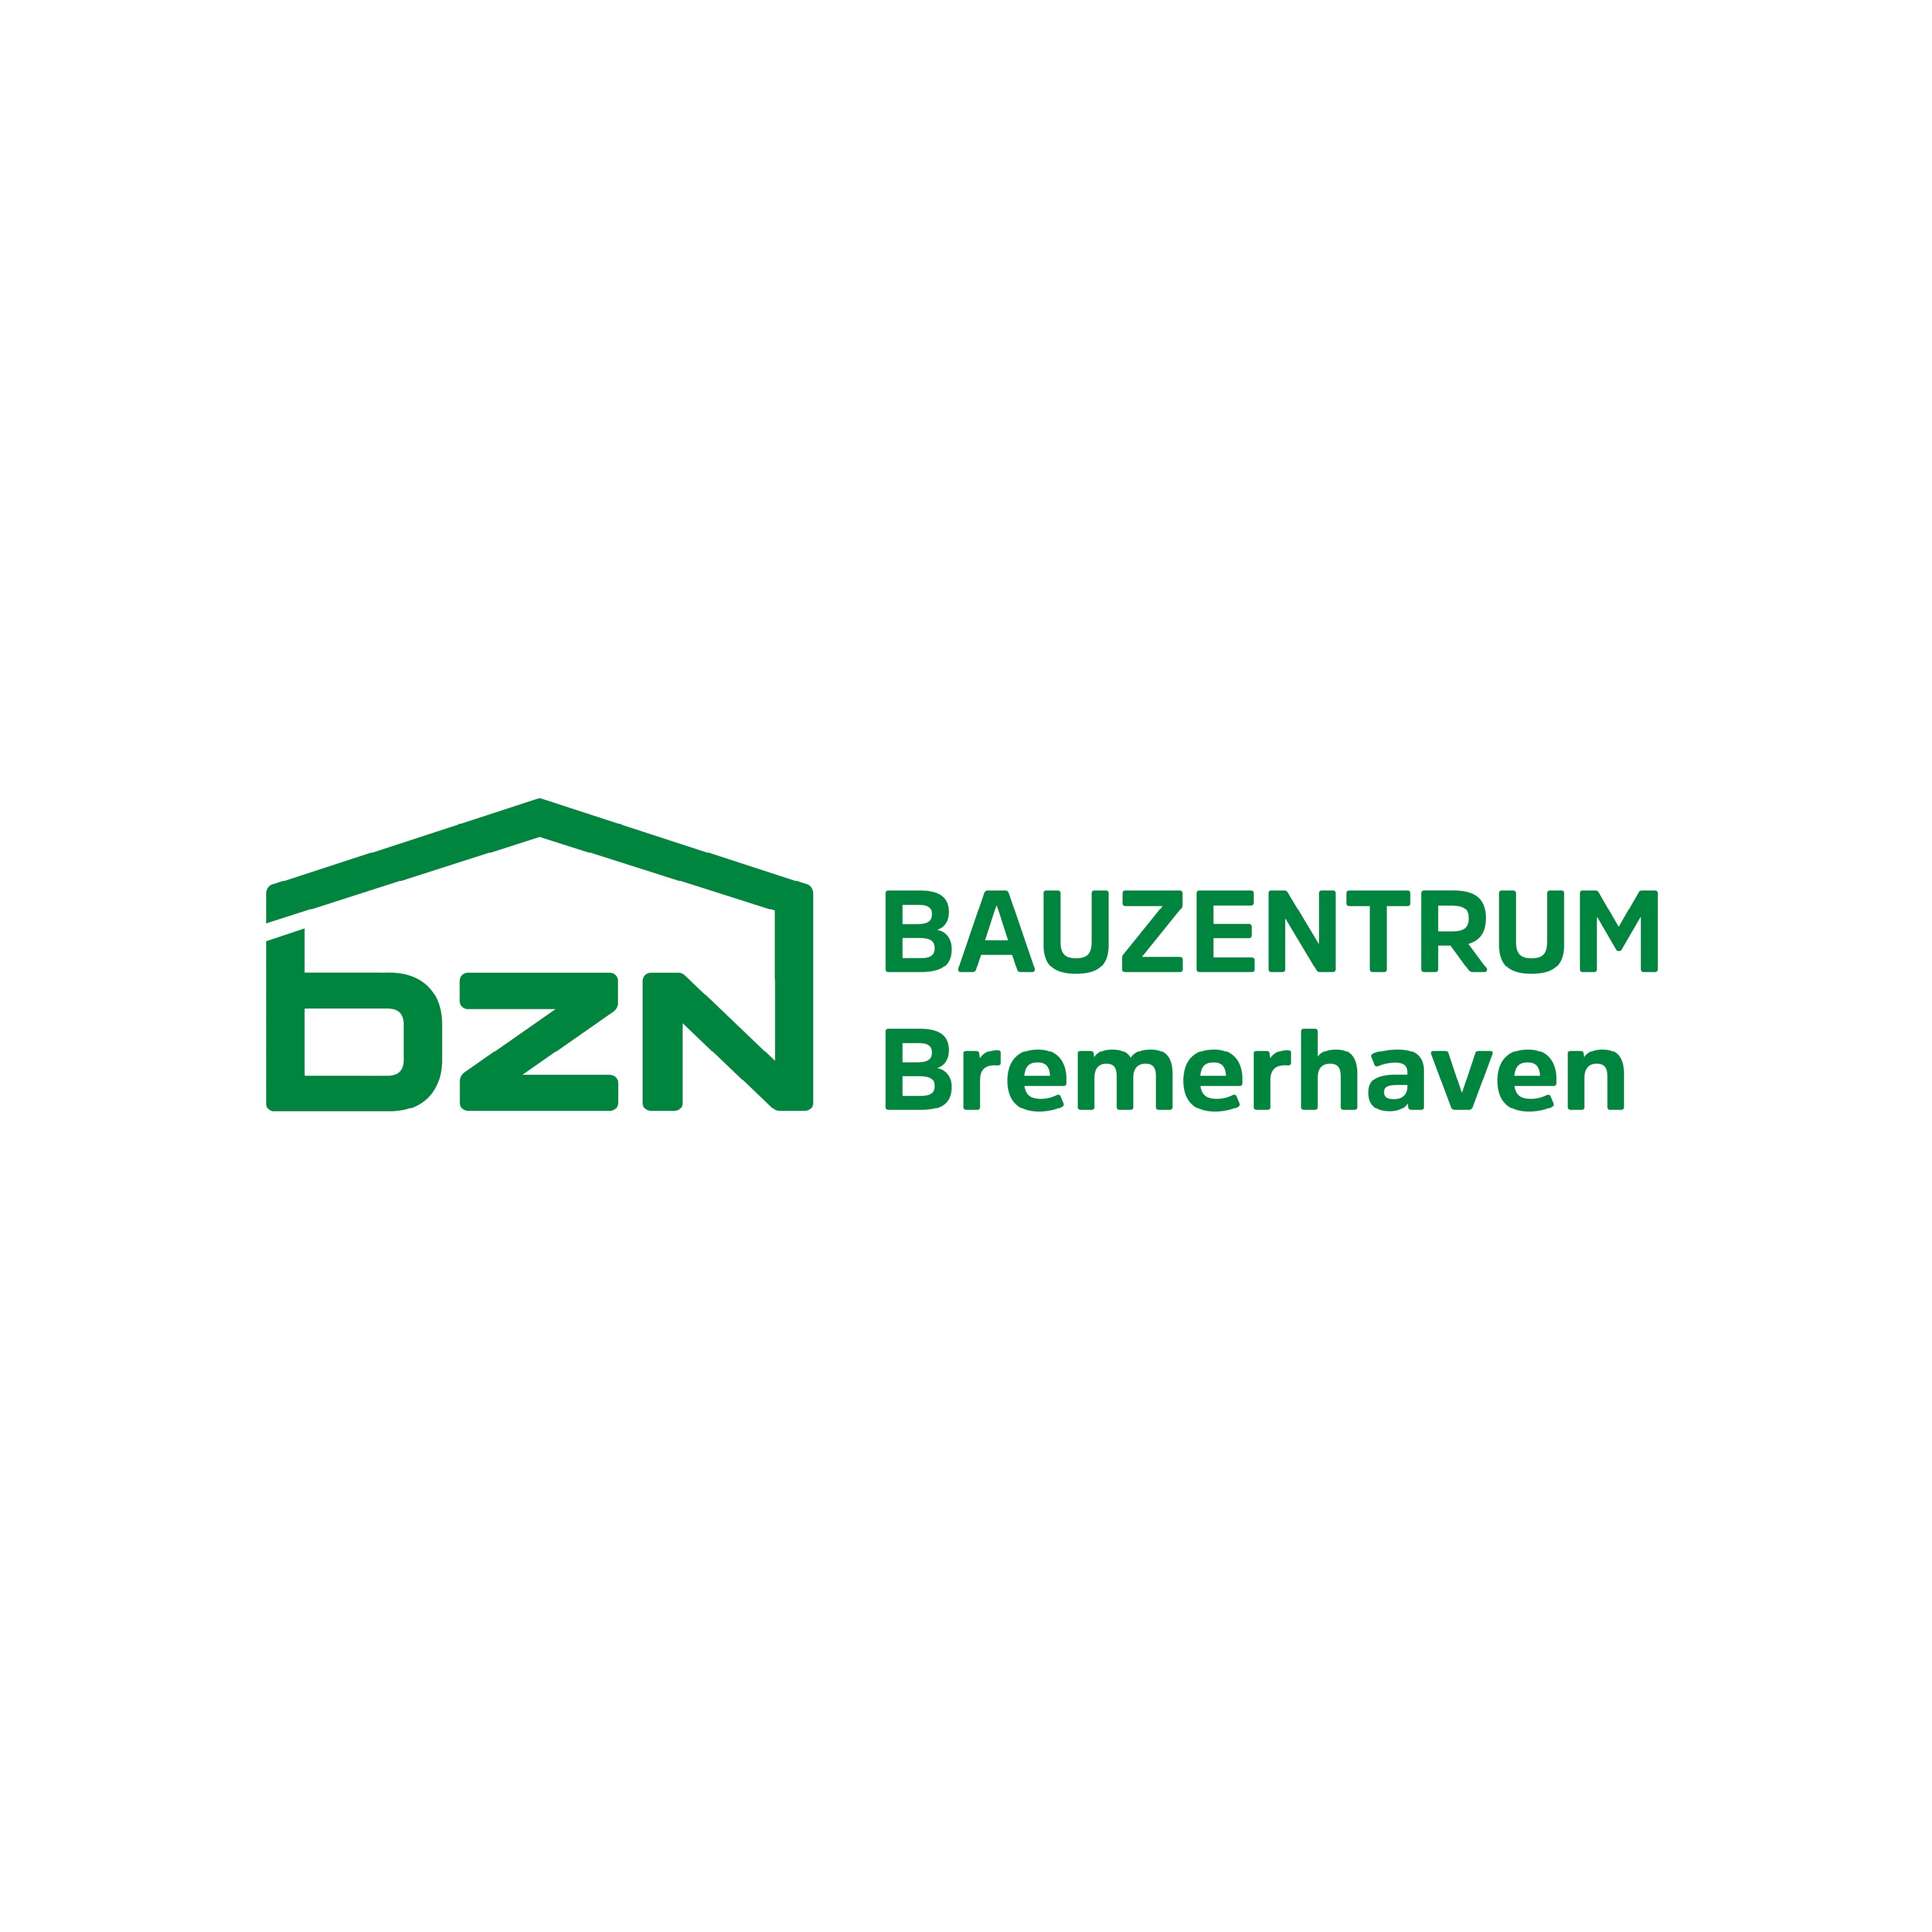 Bild zu BZN Bauzentrum Bremerhaven GmbH & Co. KG in Bremerhaven